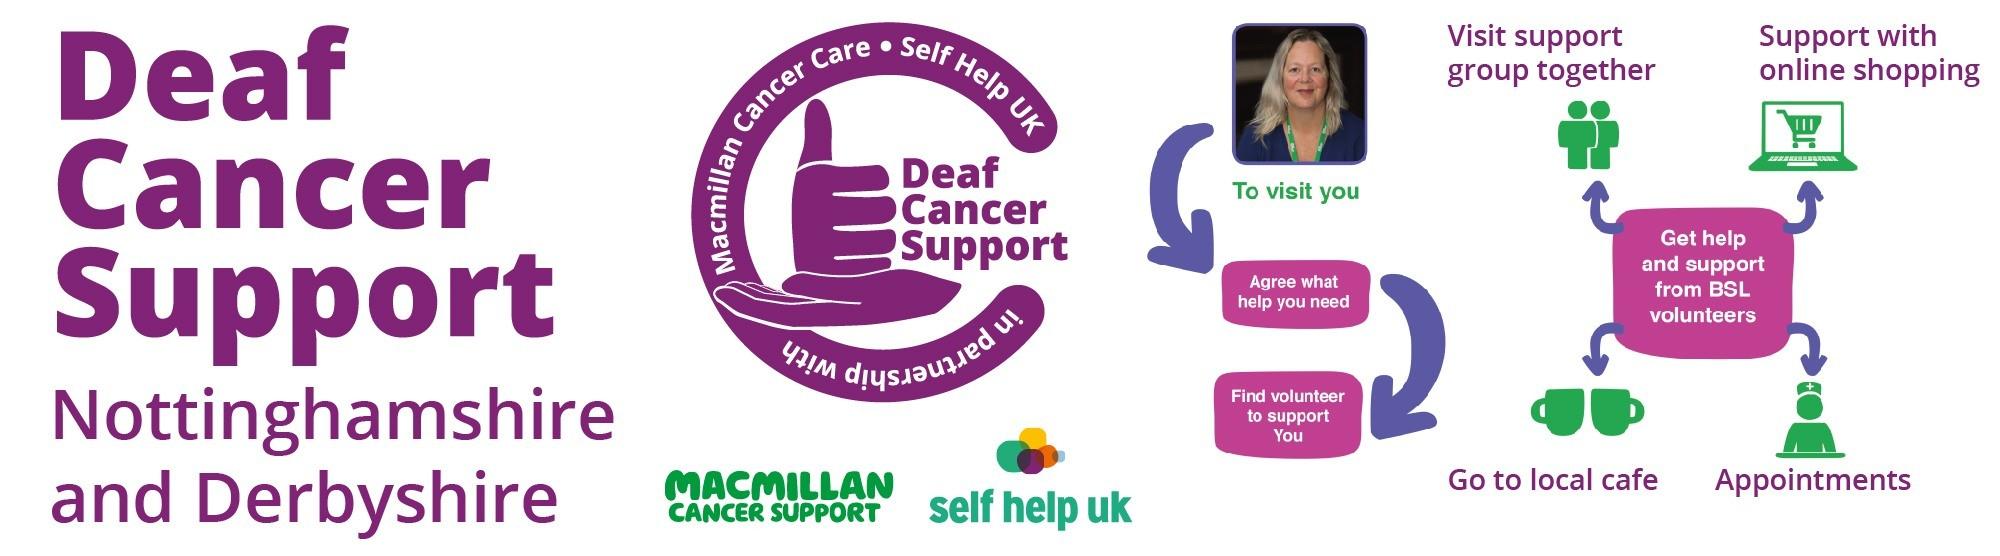 Deaf Cancer Support Service